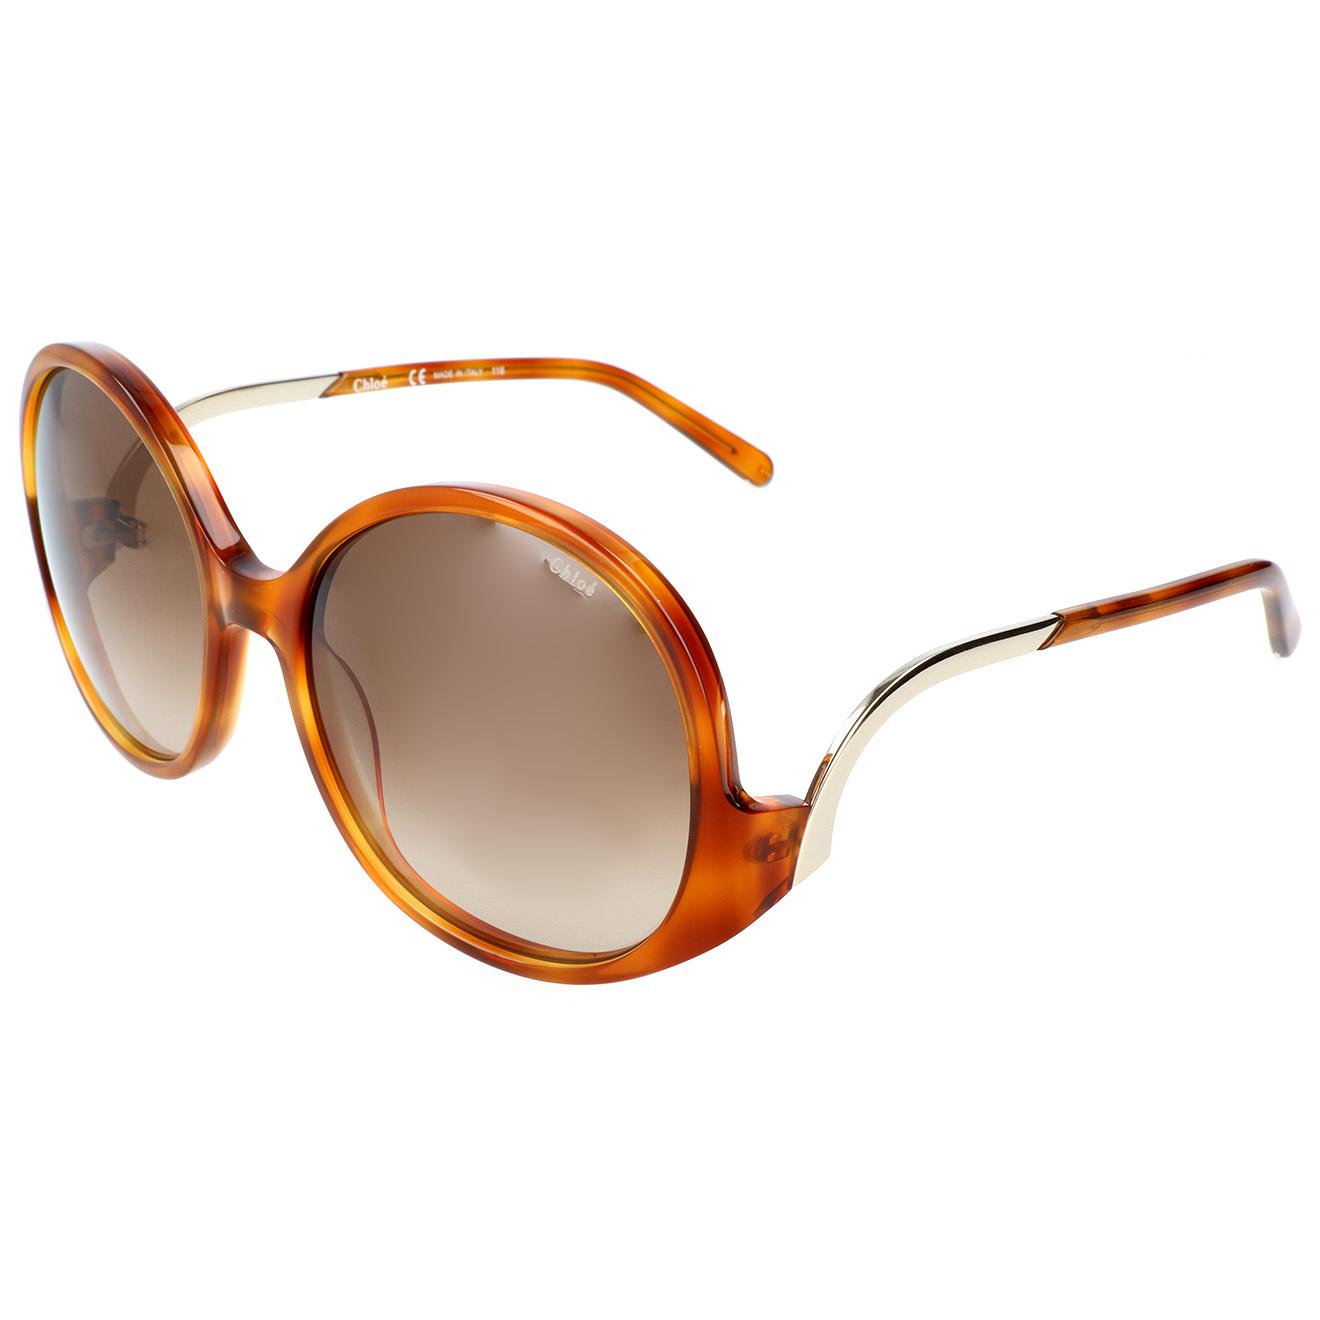 Chloé-femme-lunettes de soleil femme écaille-t.u